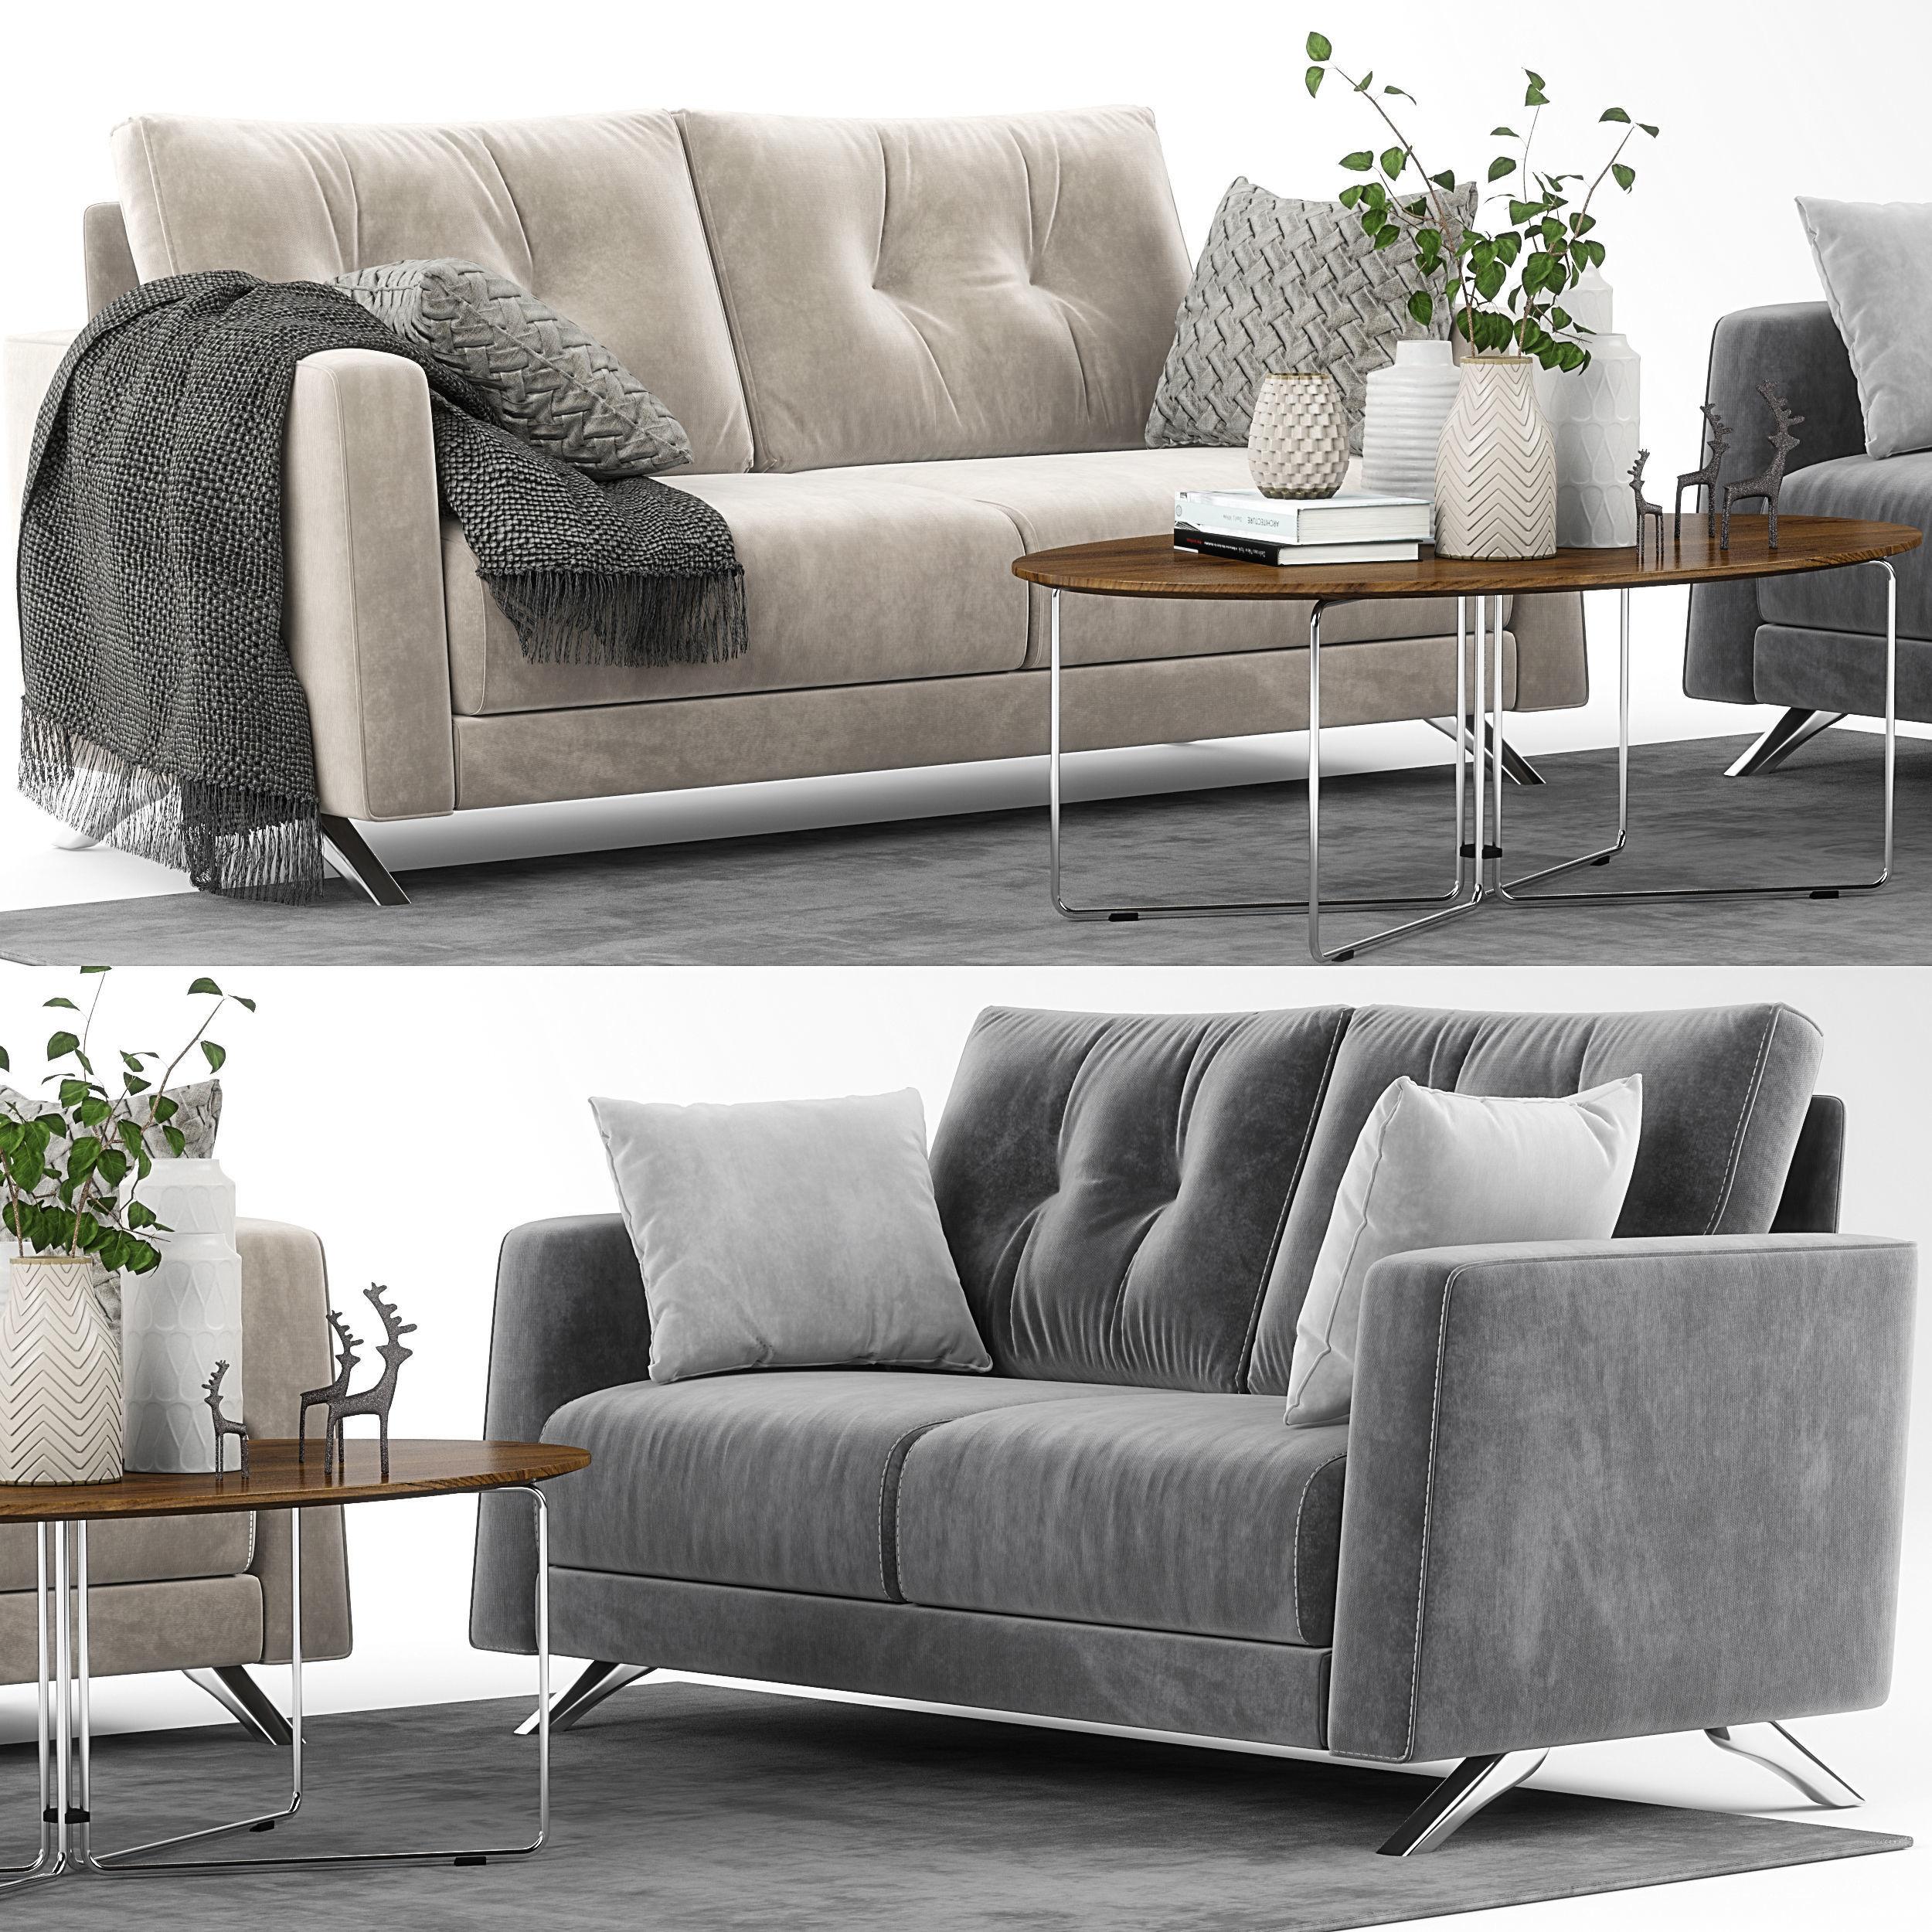 Bari Sofa Set Model By Fama Max Obj Mtl 1